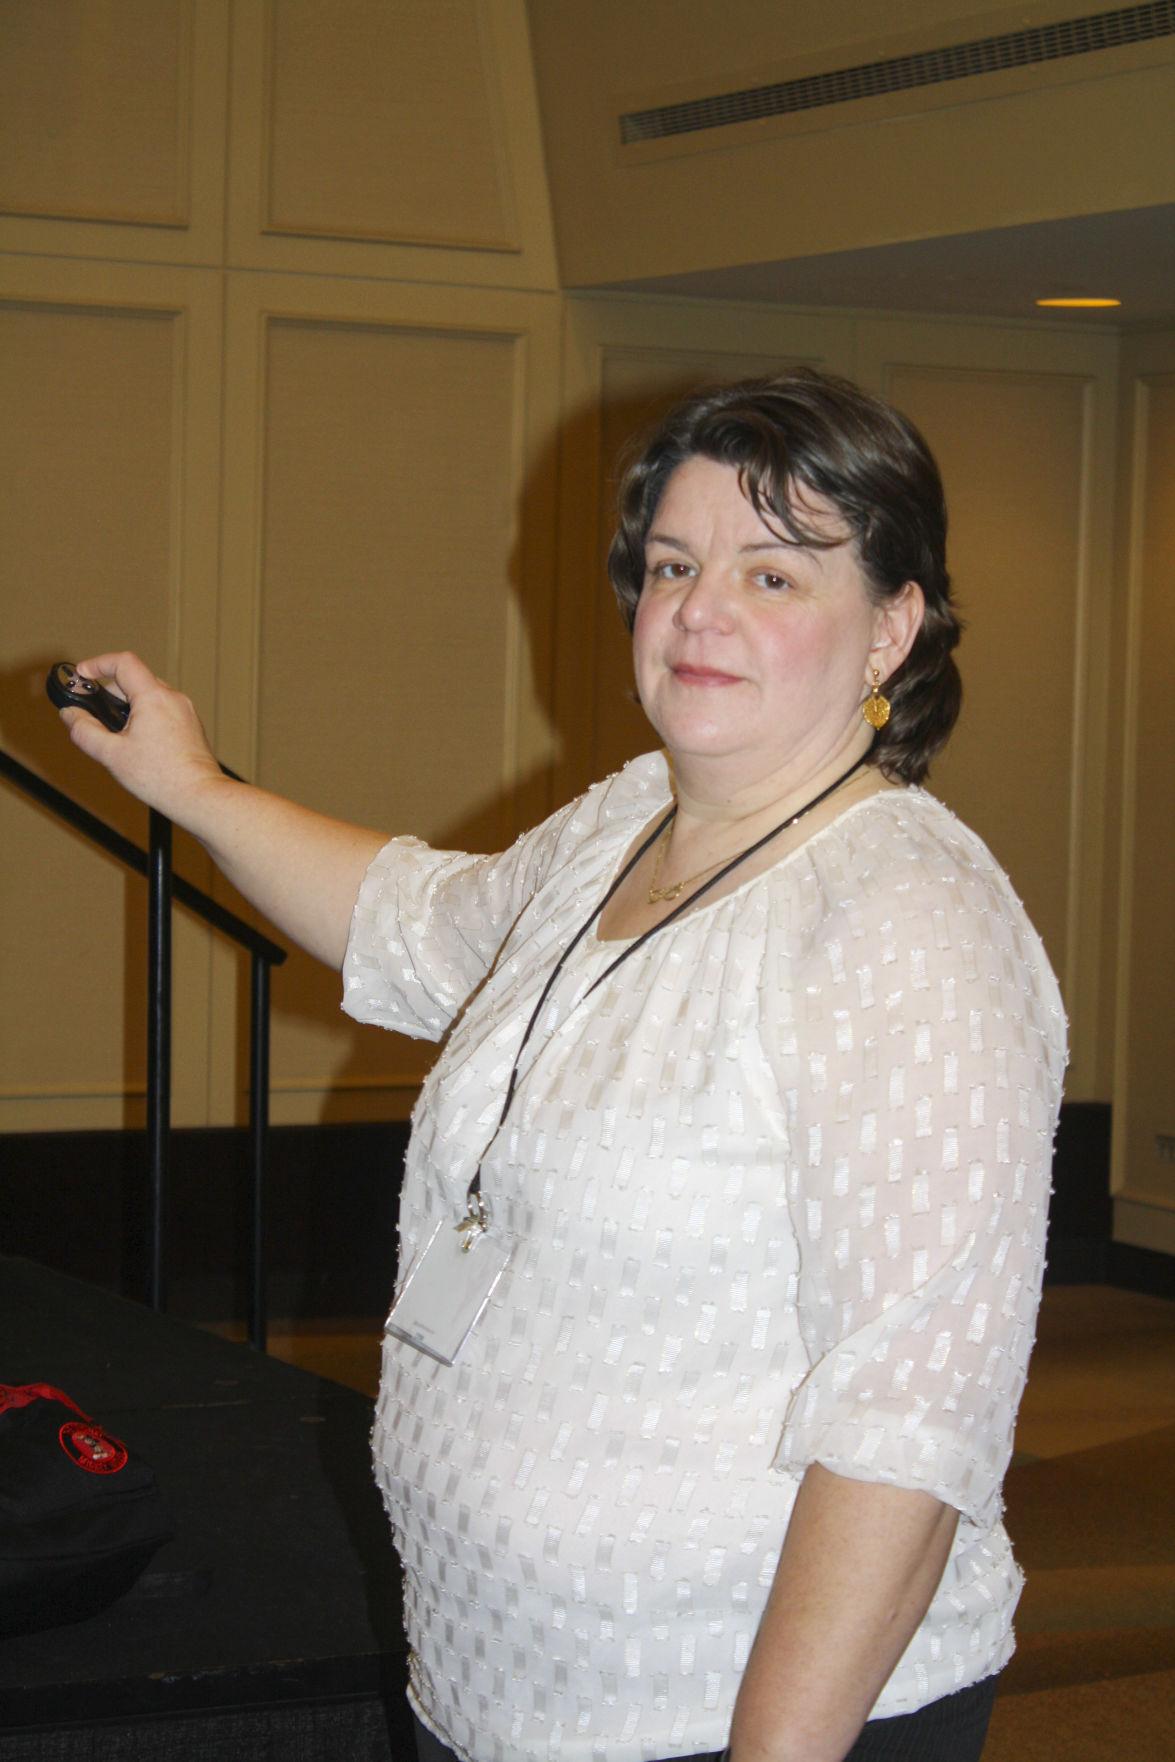 Amy Rademaker